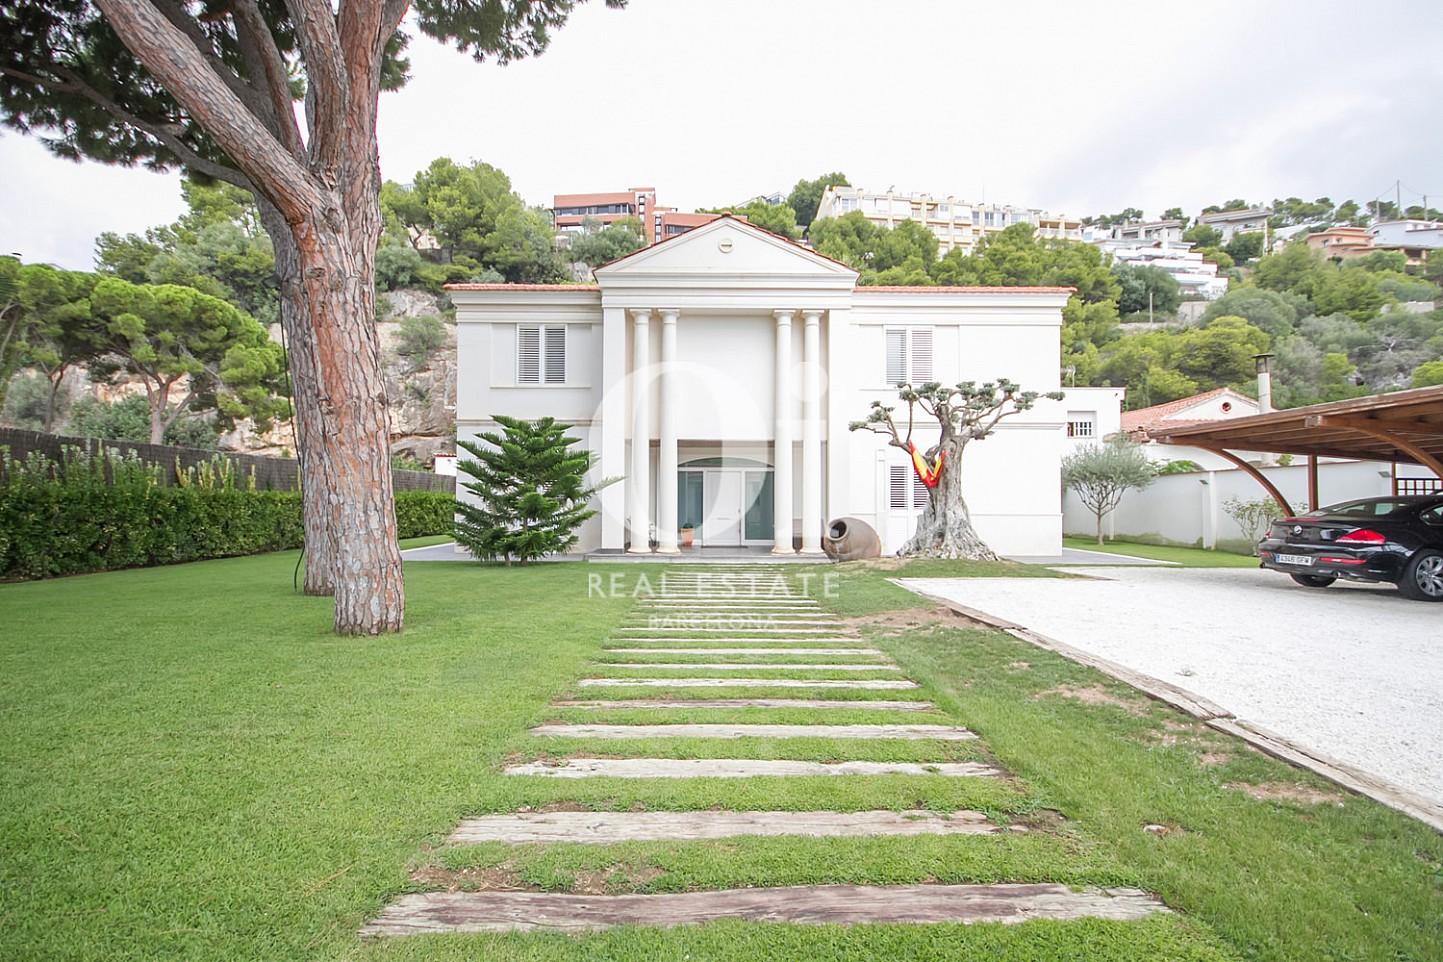 Außenansicht des Luxus-Anwesens zum Kauf in Sitges bei Barcelona